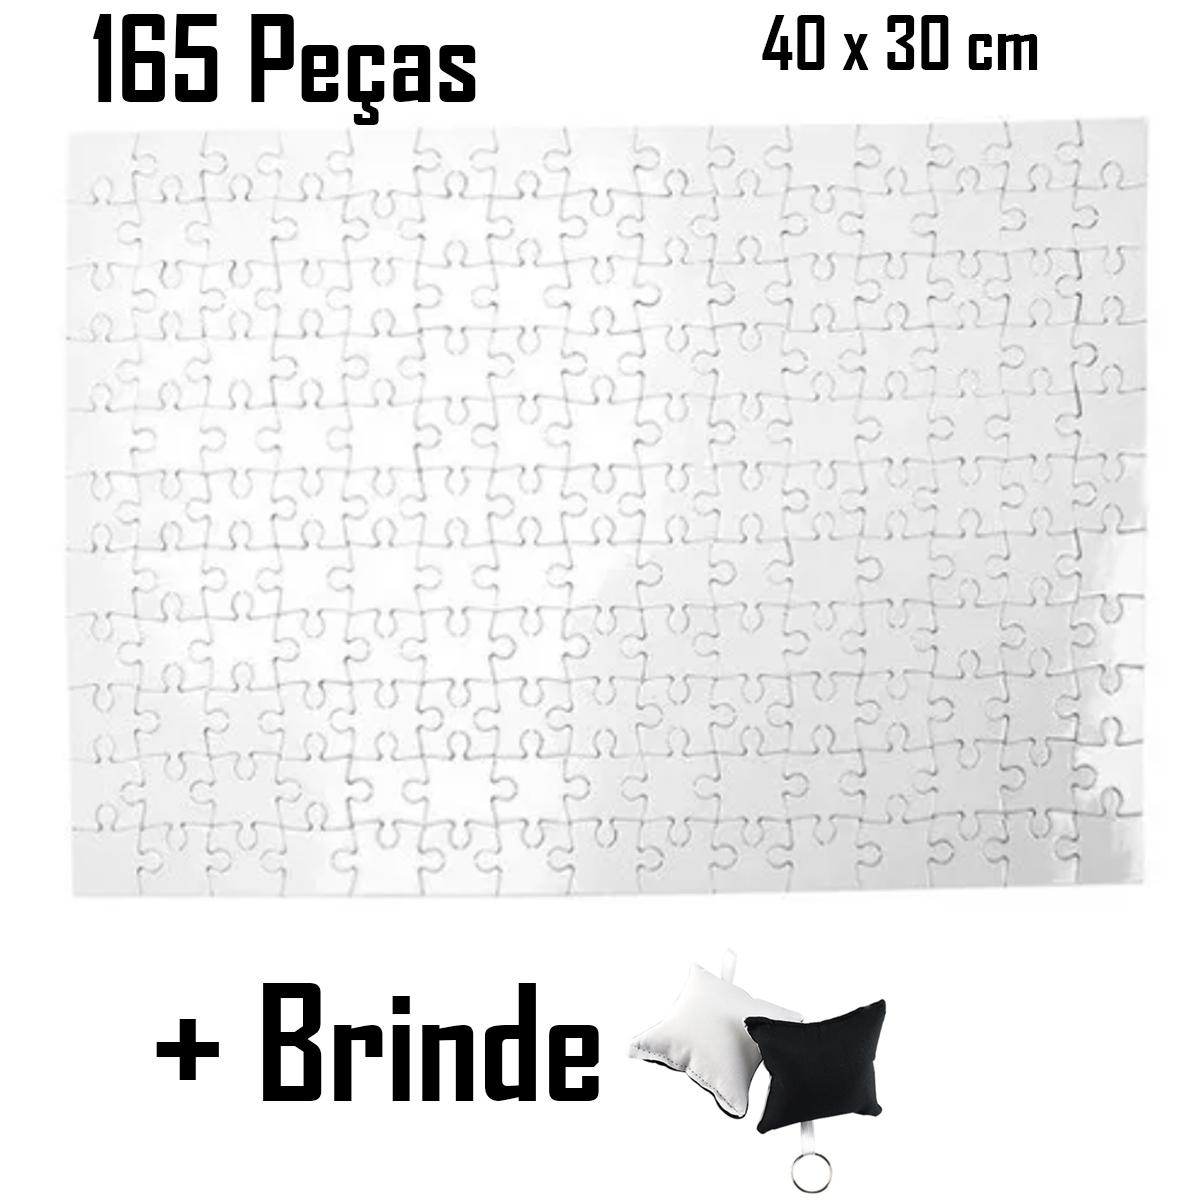 5 Quebra Cabeça Resinado Para Sublimação 165 Peças A4 SJC + Brinde